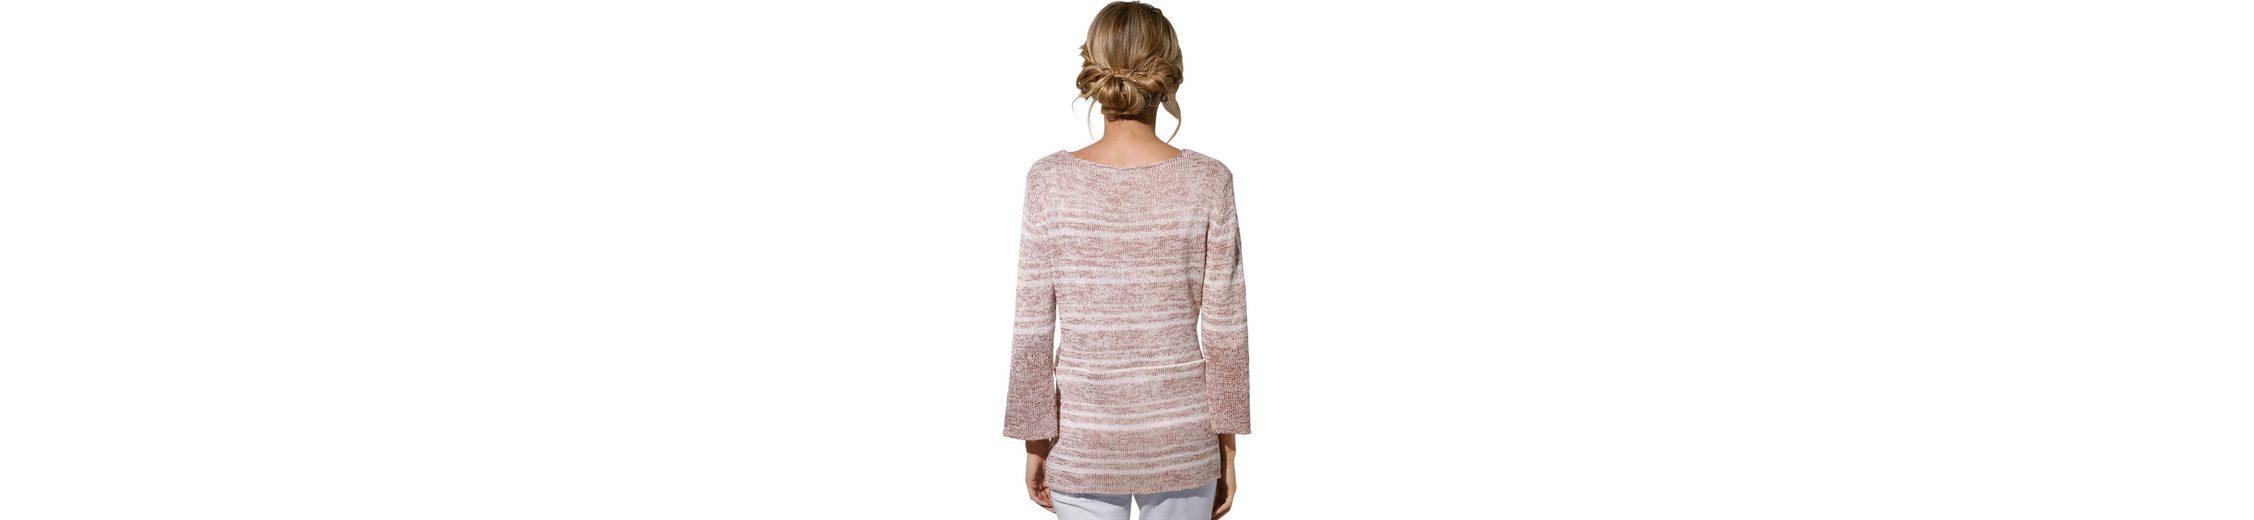 Spielraum Online Amazon Création L Pullover mit eleganten Melange-Streifen Günstiges Preis Original RNLh8V3